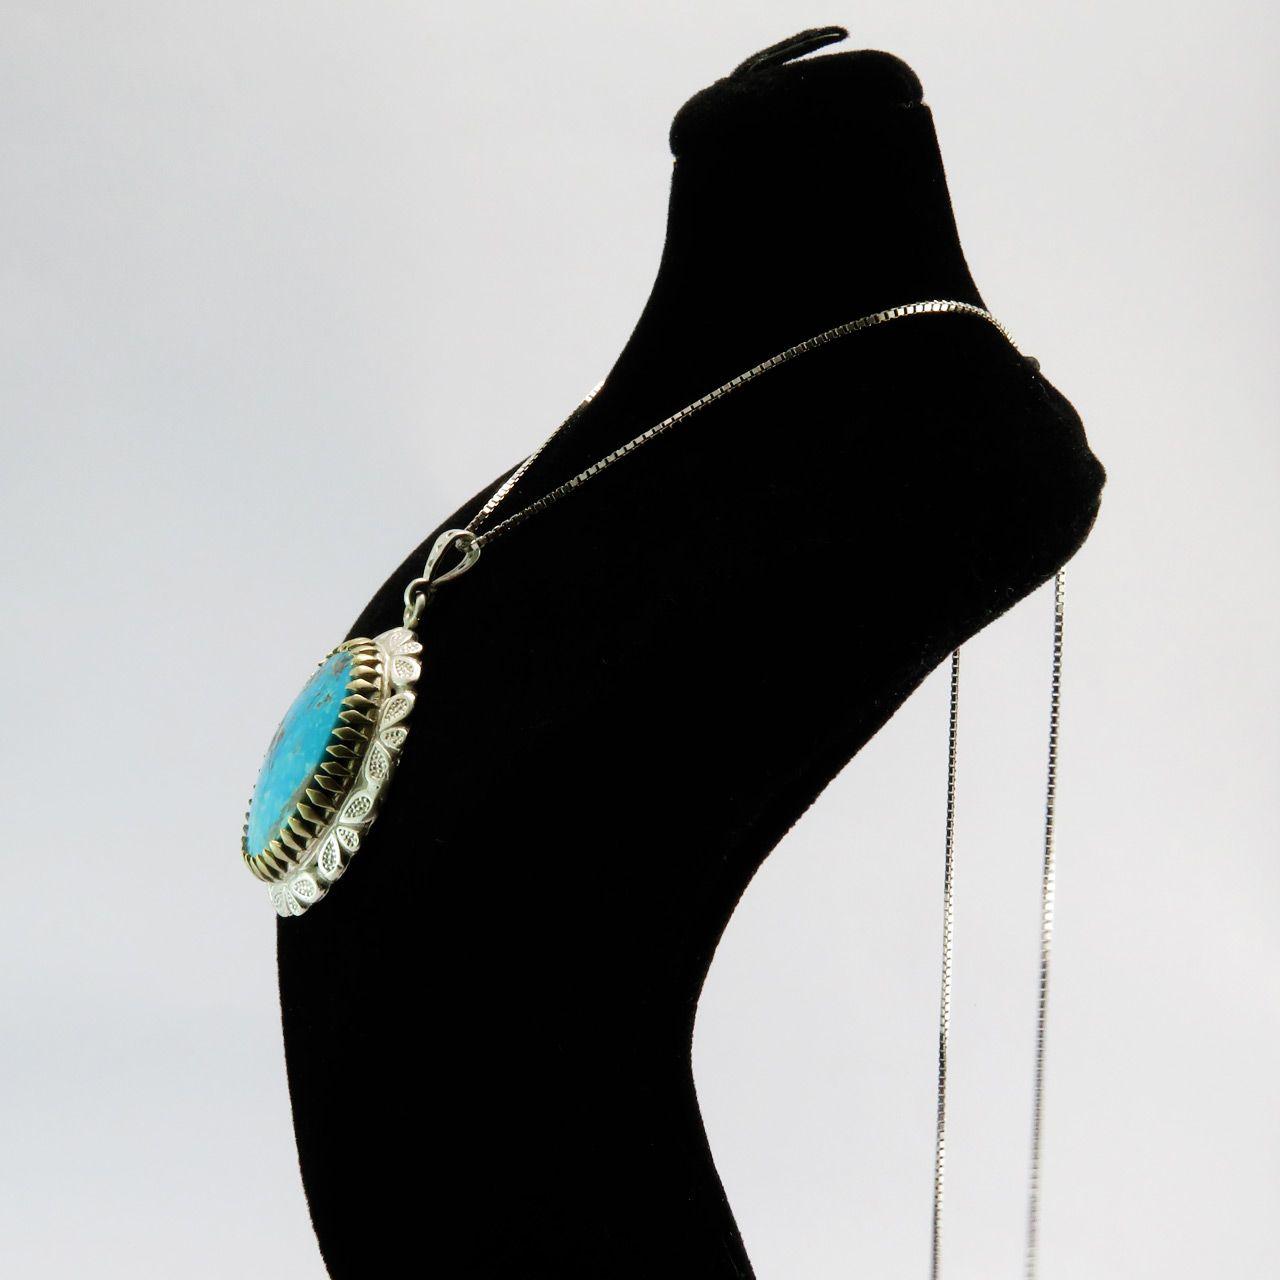 گردنبند نقره زنانه کد AV117 -  - 4